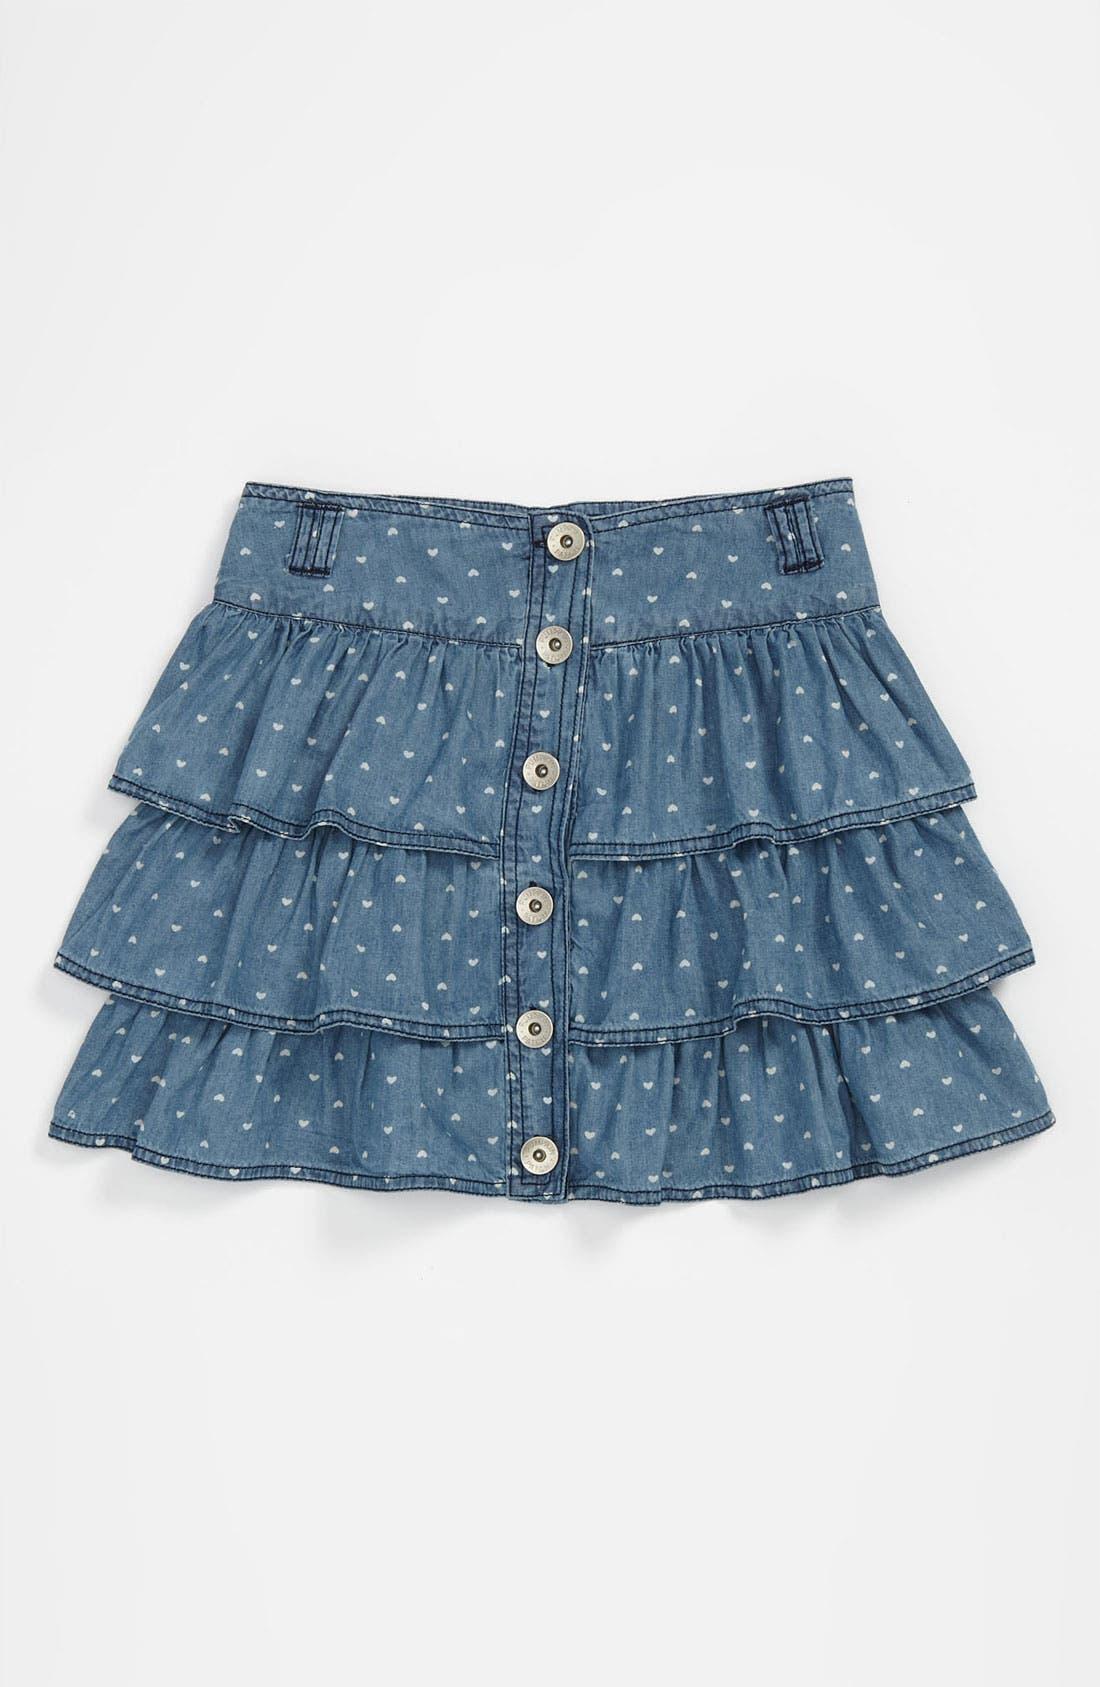 Main Image - Pumpkin Patch Heart Print Chambray Skirt (Little Girls & Big Girls)